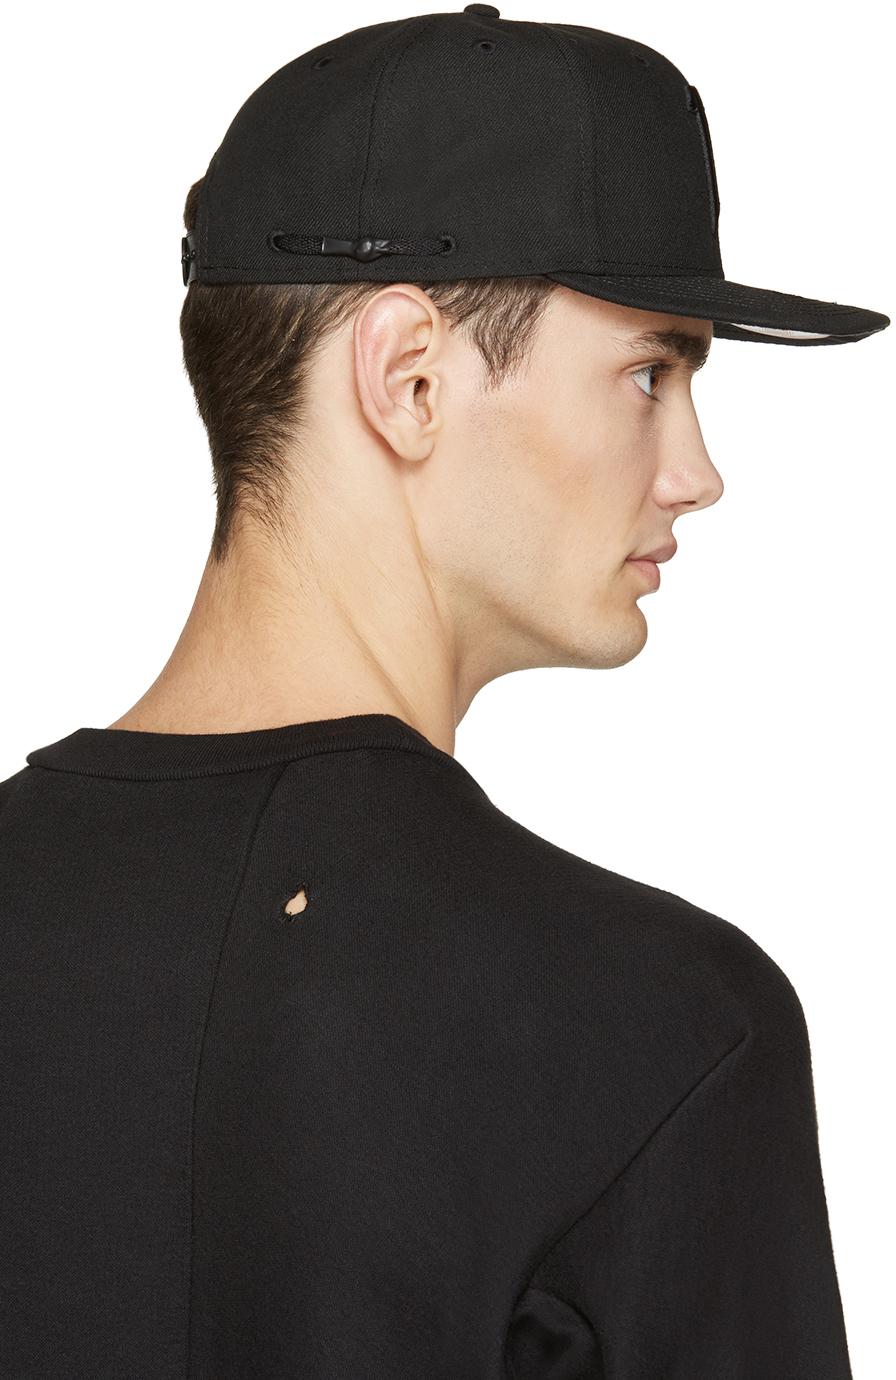 Lyst - Boris Bidjan Saberi 11 Black Logo Cap in Black for Men 194fd9dceb68